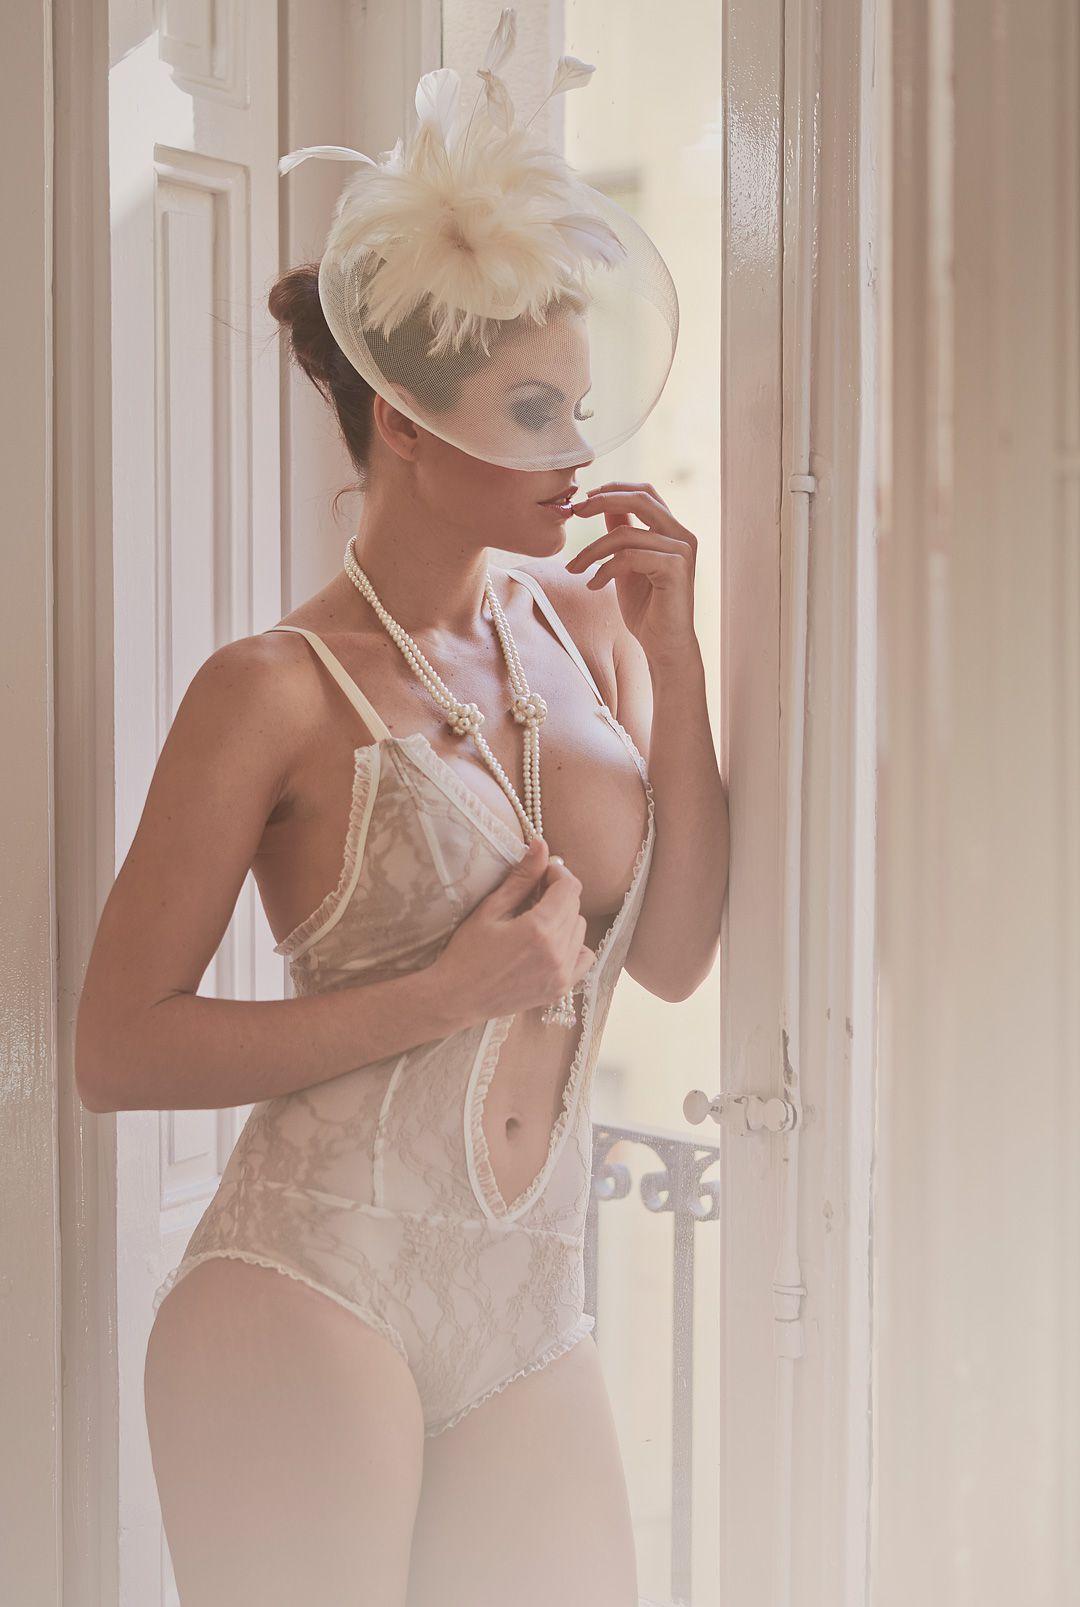 fotos boudoir en domicilio y apartamento de modelo profesional sensual madrid Rocío Z 58jpg